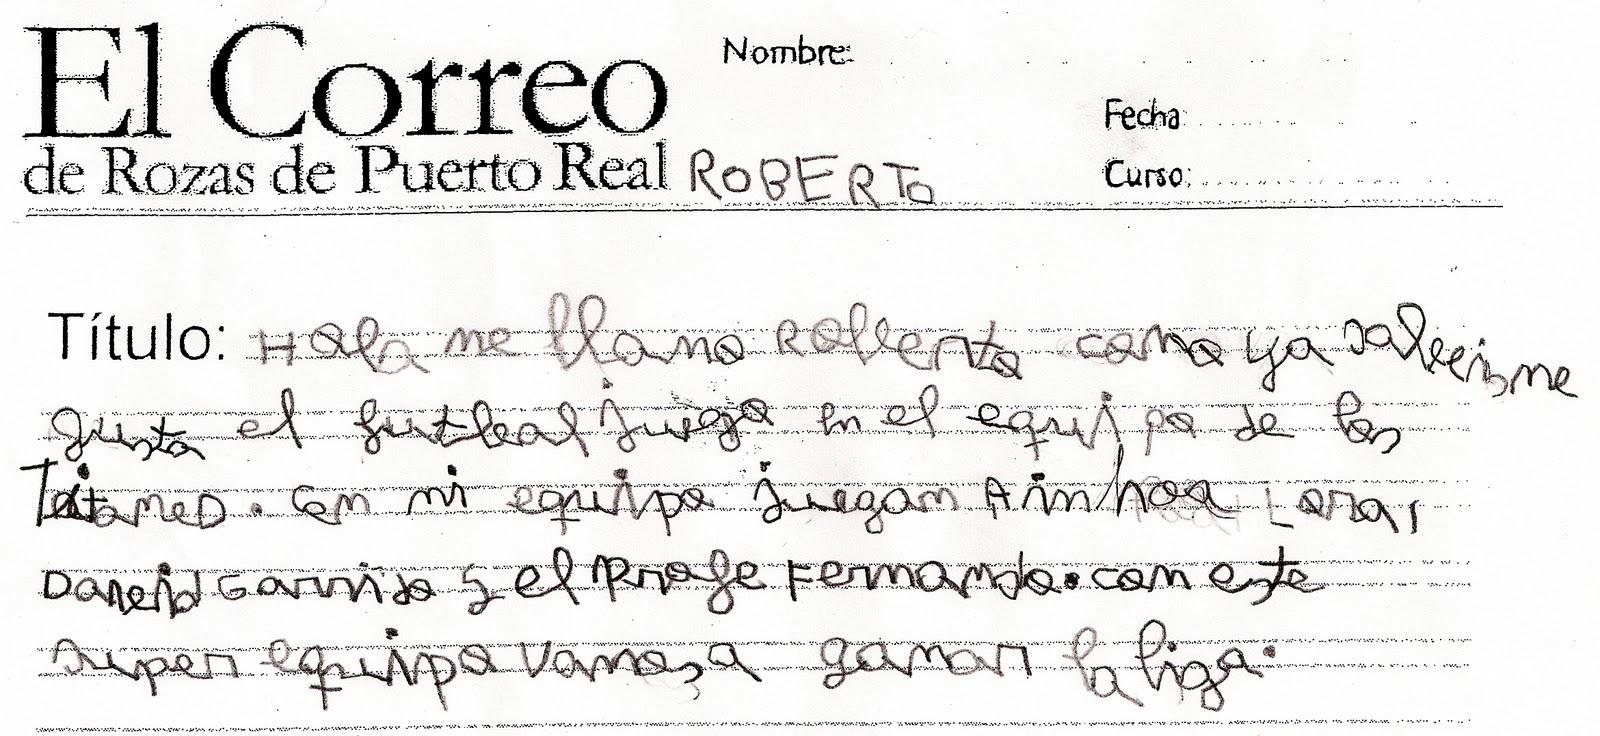 El correo de rozas de puerto real la liga de f tbol del cole for Horario correos puerto real